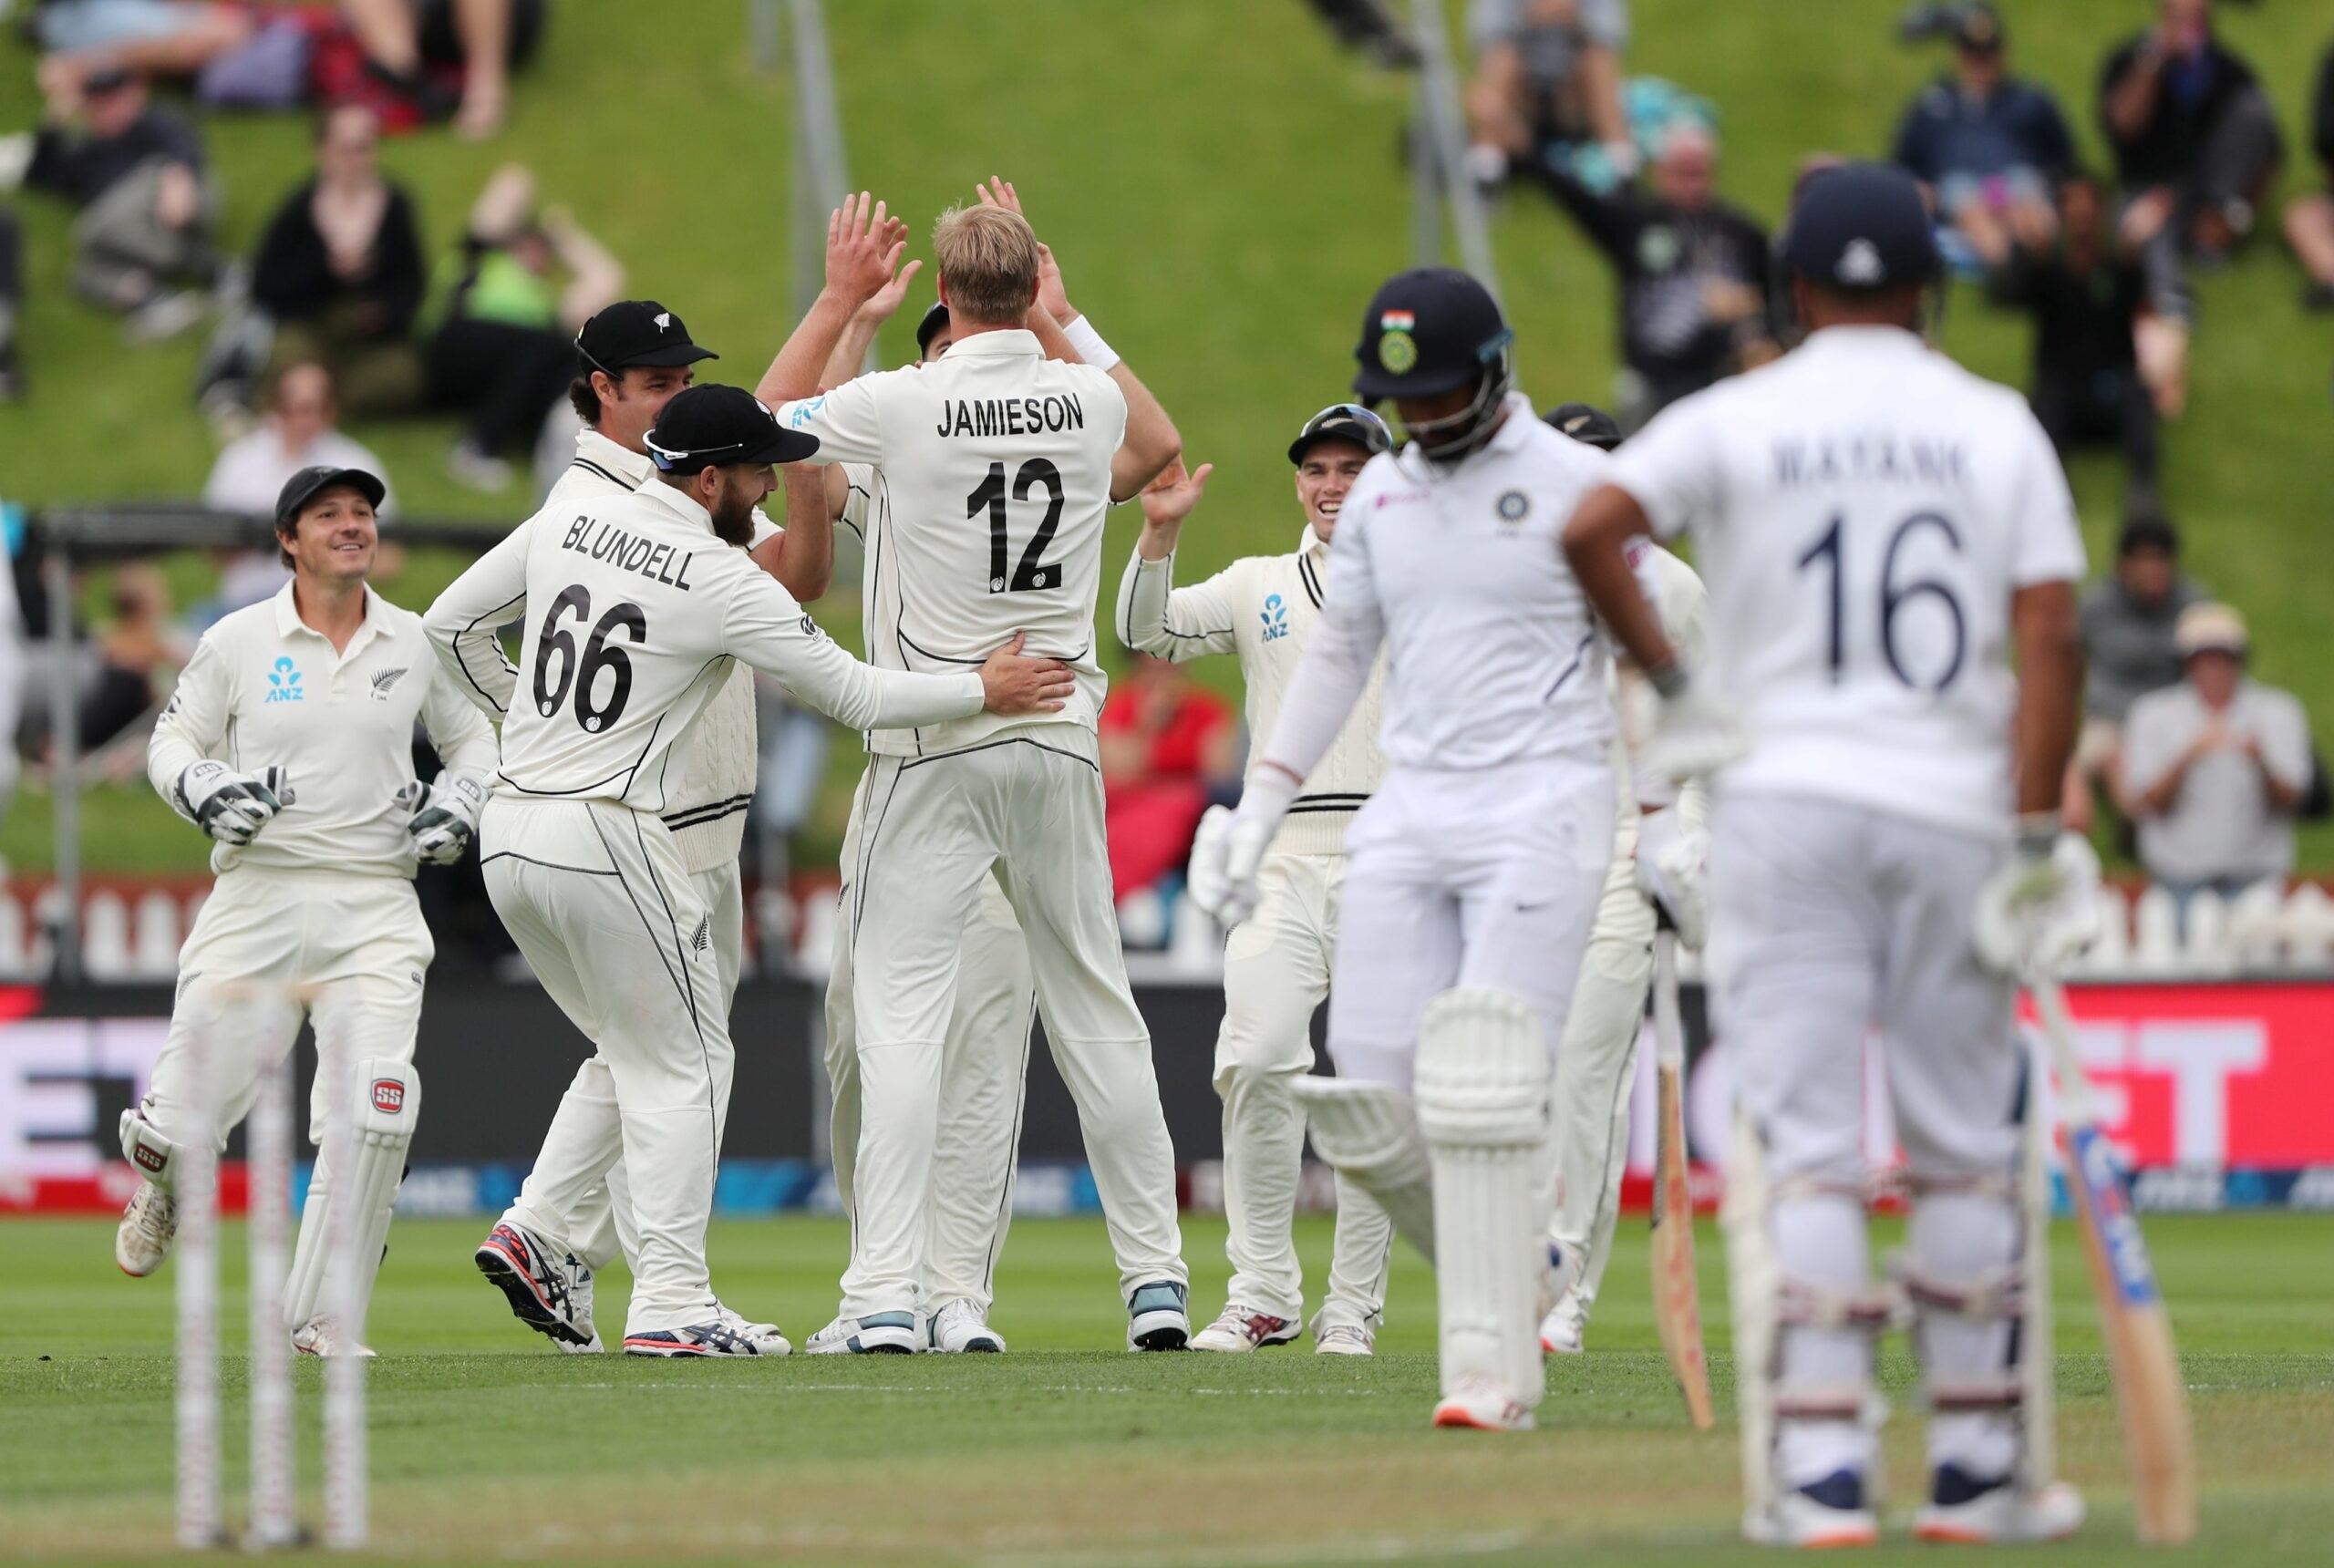 নিউজিল্যান্ডের বিরুদ্ধে দ্বিতীয় টেস্টে নামার আগে চিন্তার মেঘ ভারতীয় শিবিরে, ম্যাচ থেকে ছিটকে গেলেন এই তারকা ক্রিকেটার 3